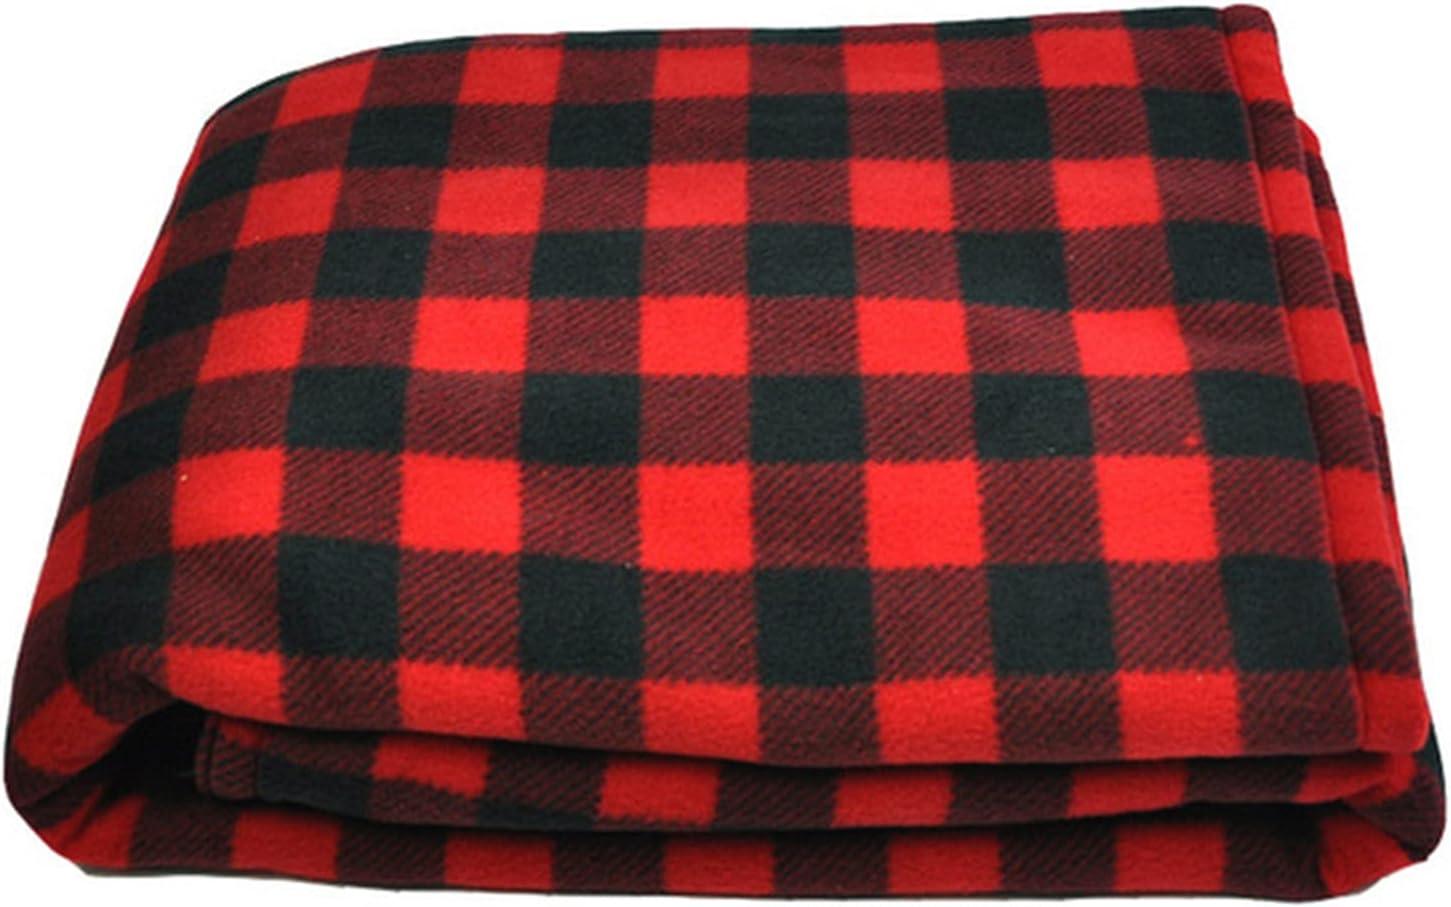 xiangqian Manta de calefacción eléctrica de coche de 12 V, colcha ajustable de felpa, manta de calentamiento rápido, manta de tela escocesa portátil para viajes en casa, camping, ideal para clima frío